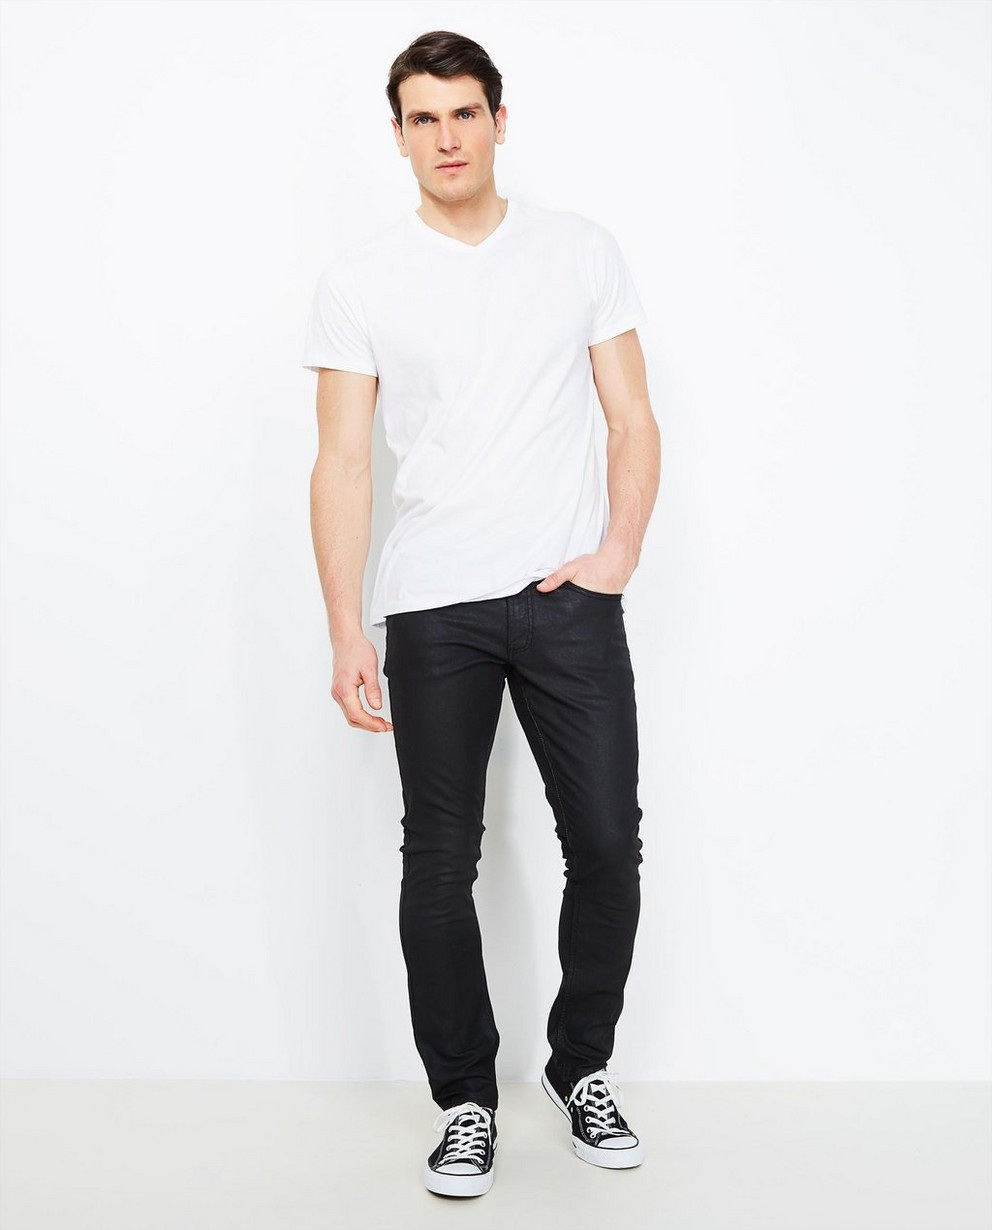 Jeans - black - Zwarte slim jeans